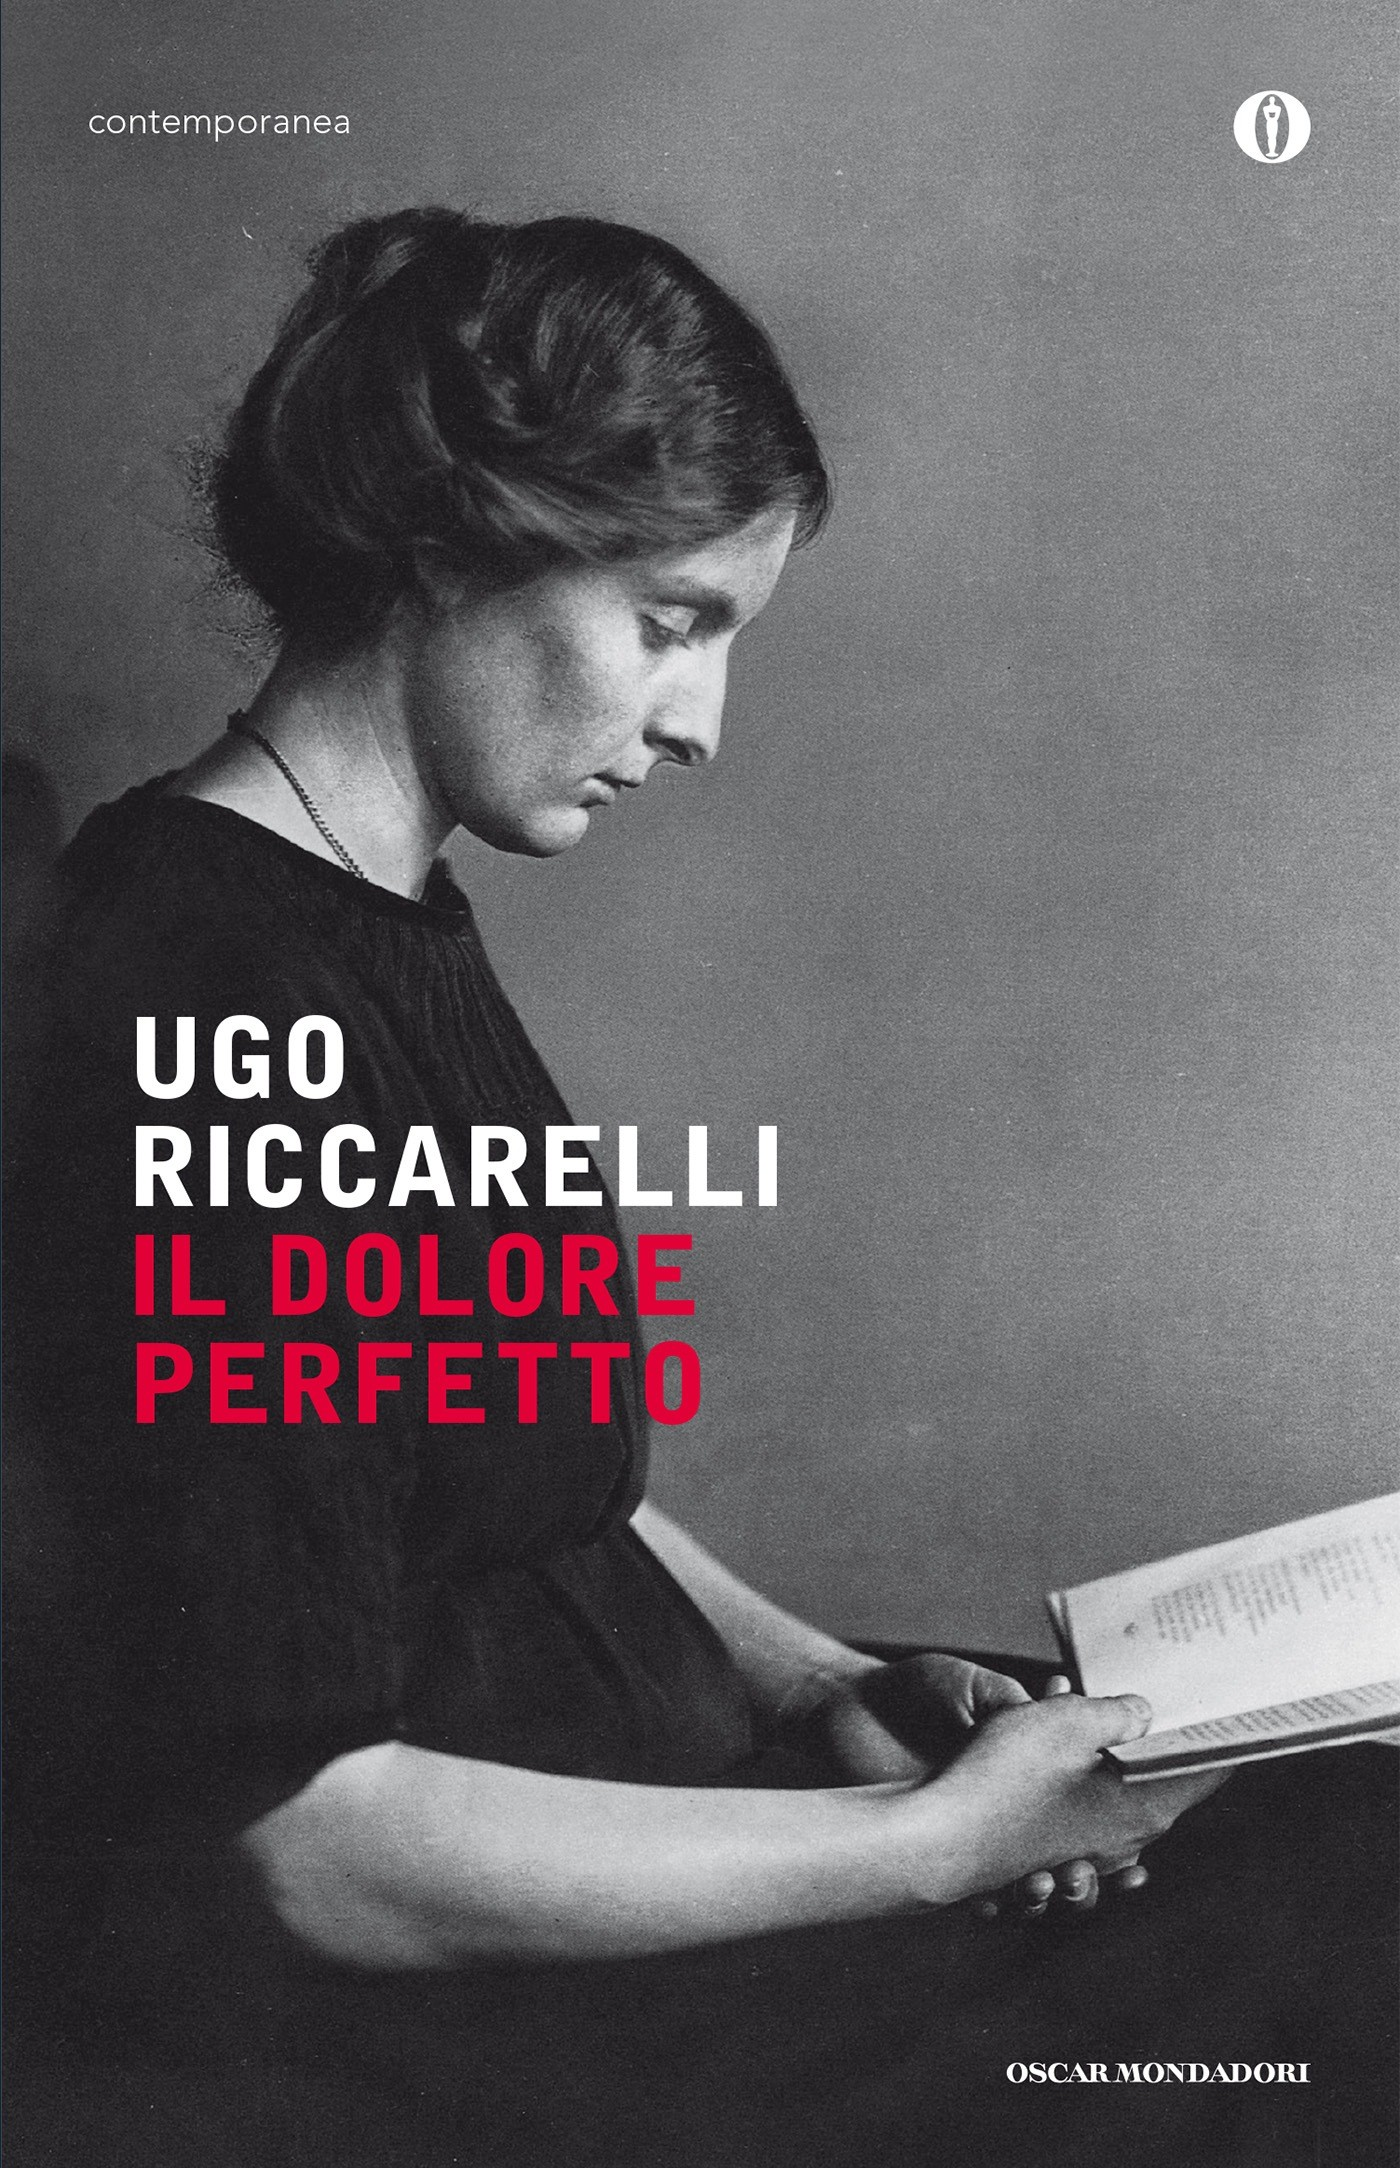 Ugo Riccarelli - Il Dolore Perfetto